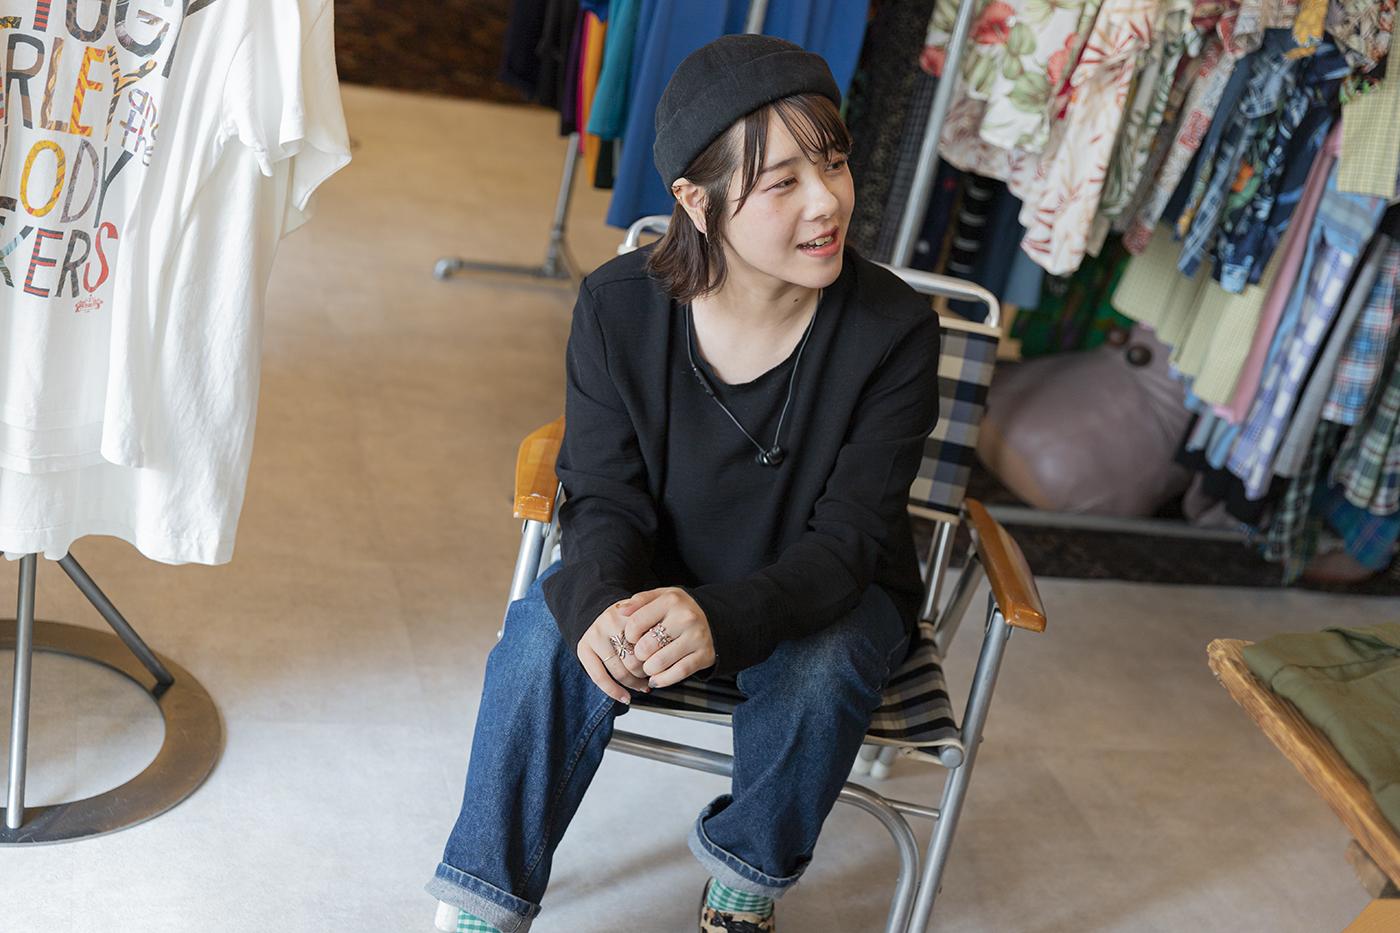 椅子に座った亀井桃さんの写真